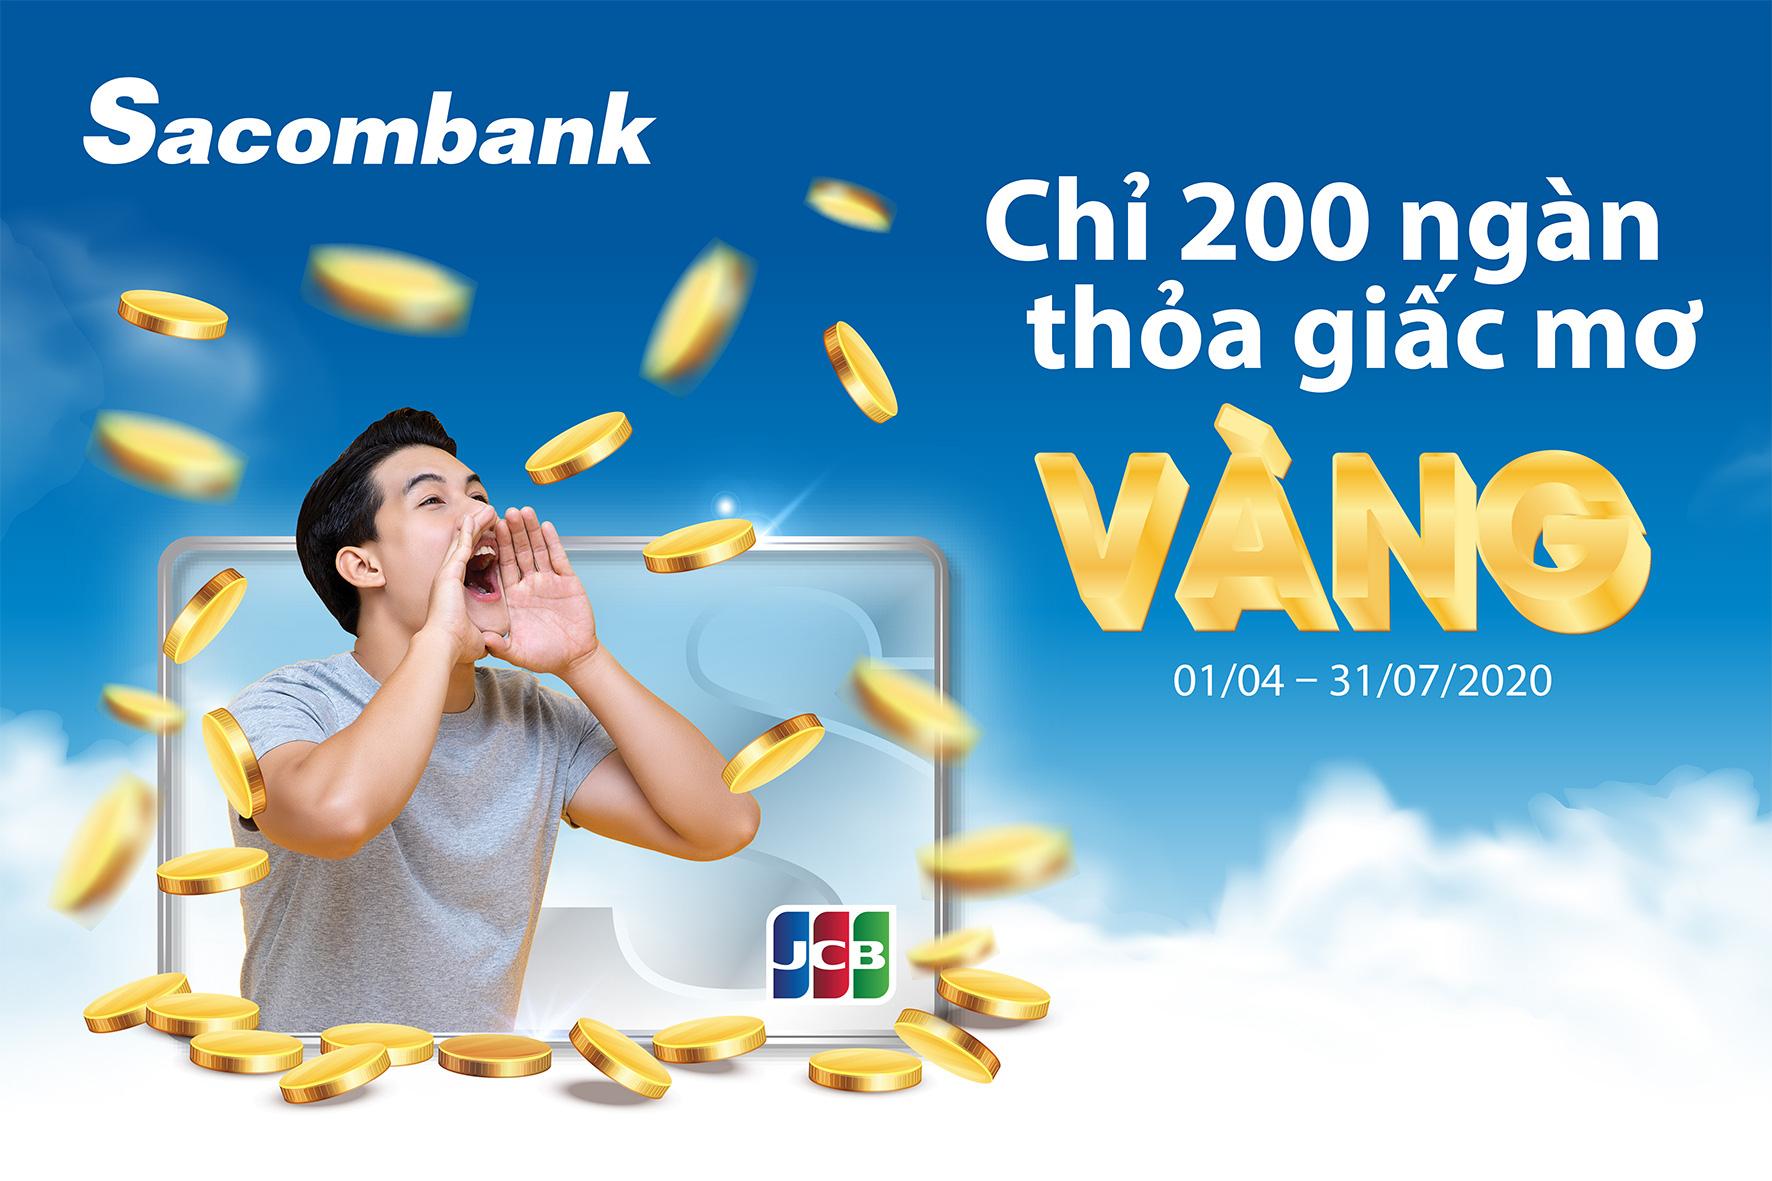 5 chủ thẻ Sacombank JCB đầu tiên trúng vàng 9999 - Ảnh 1.